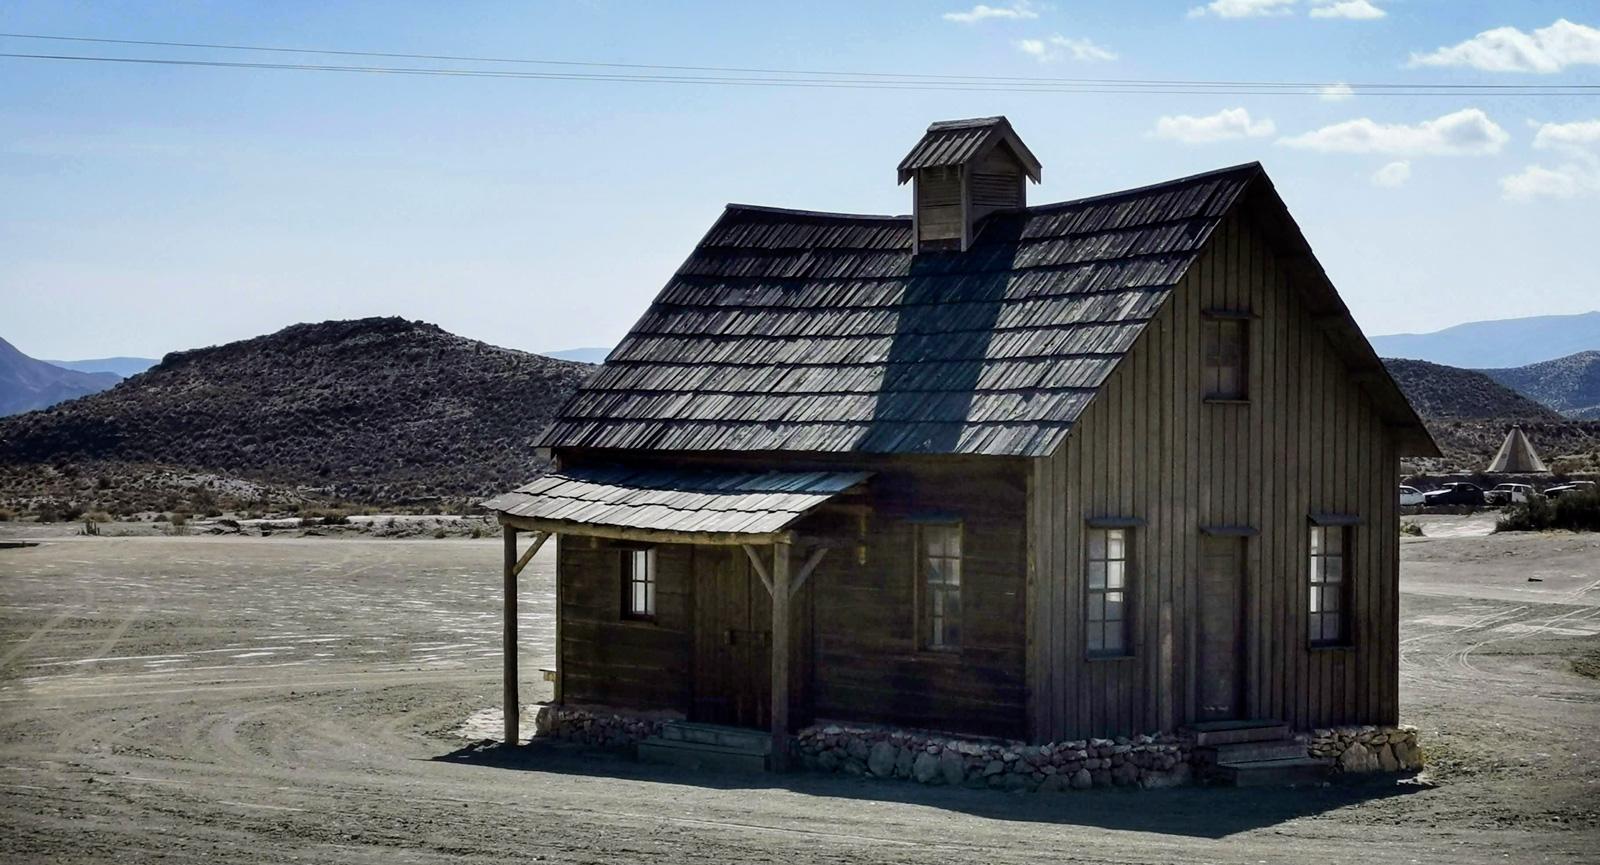 Det lilla huset i öknen har inte kvar så många raka linjer.